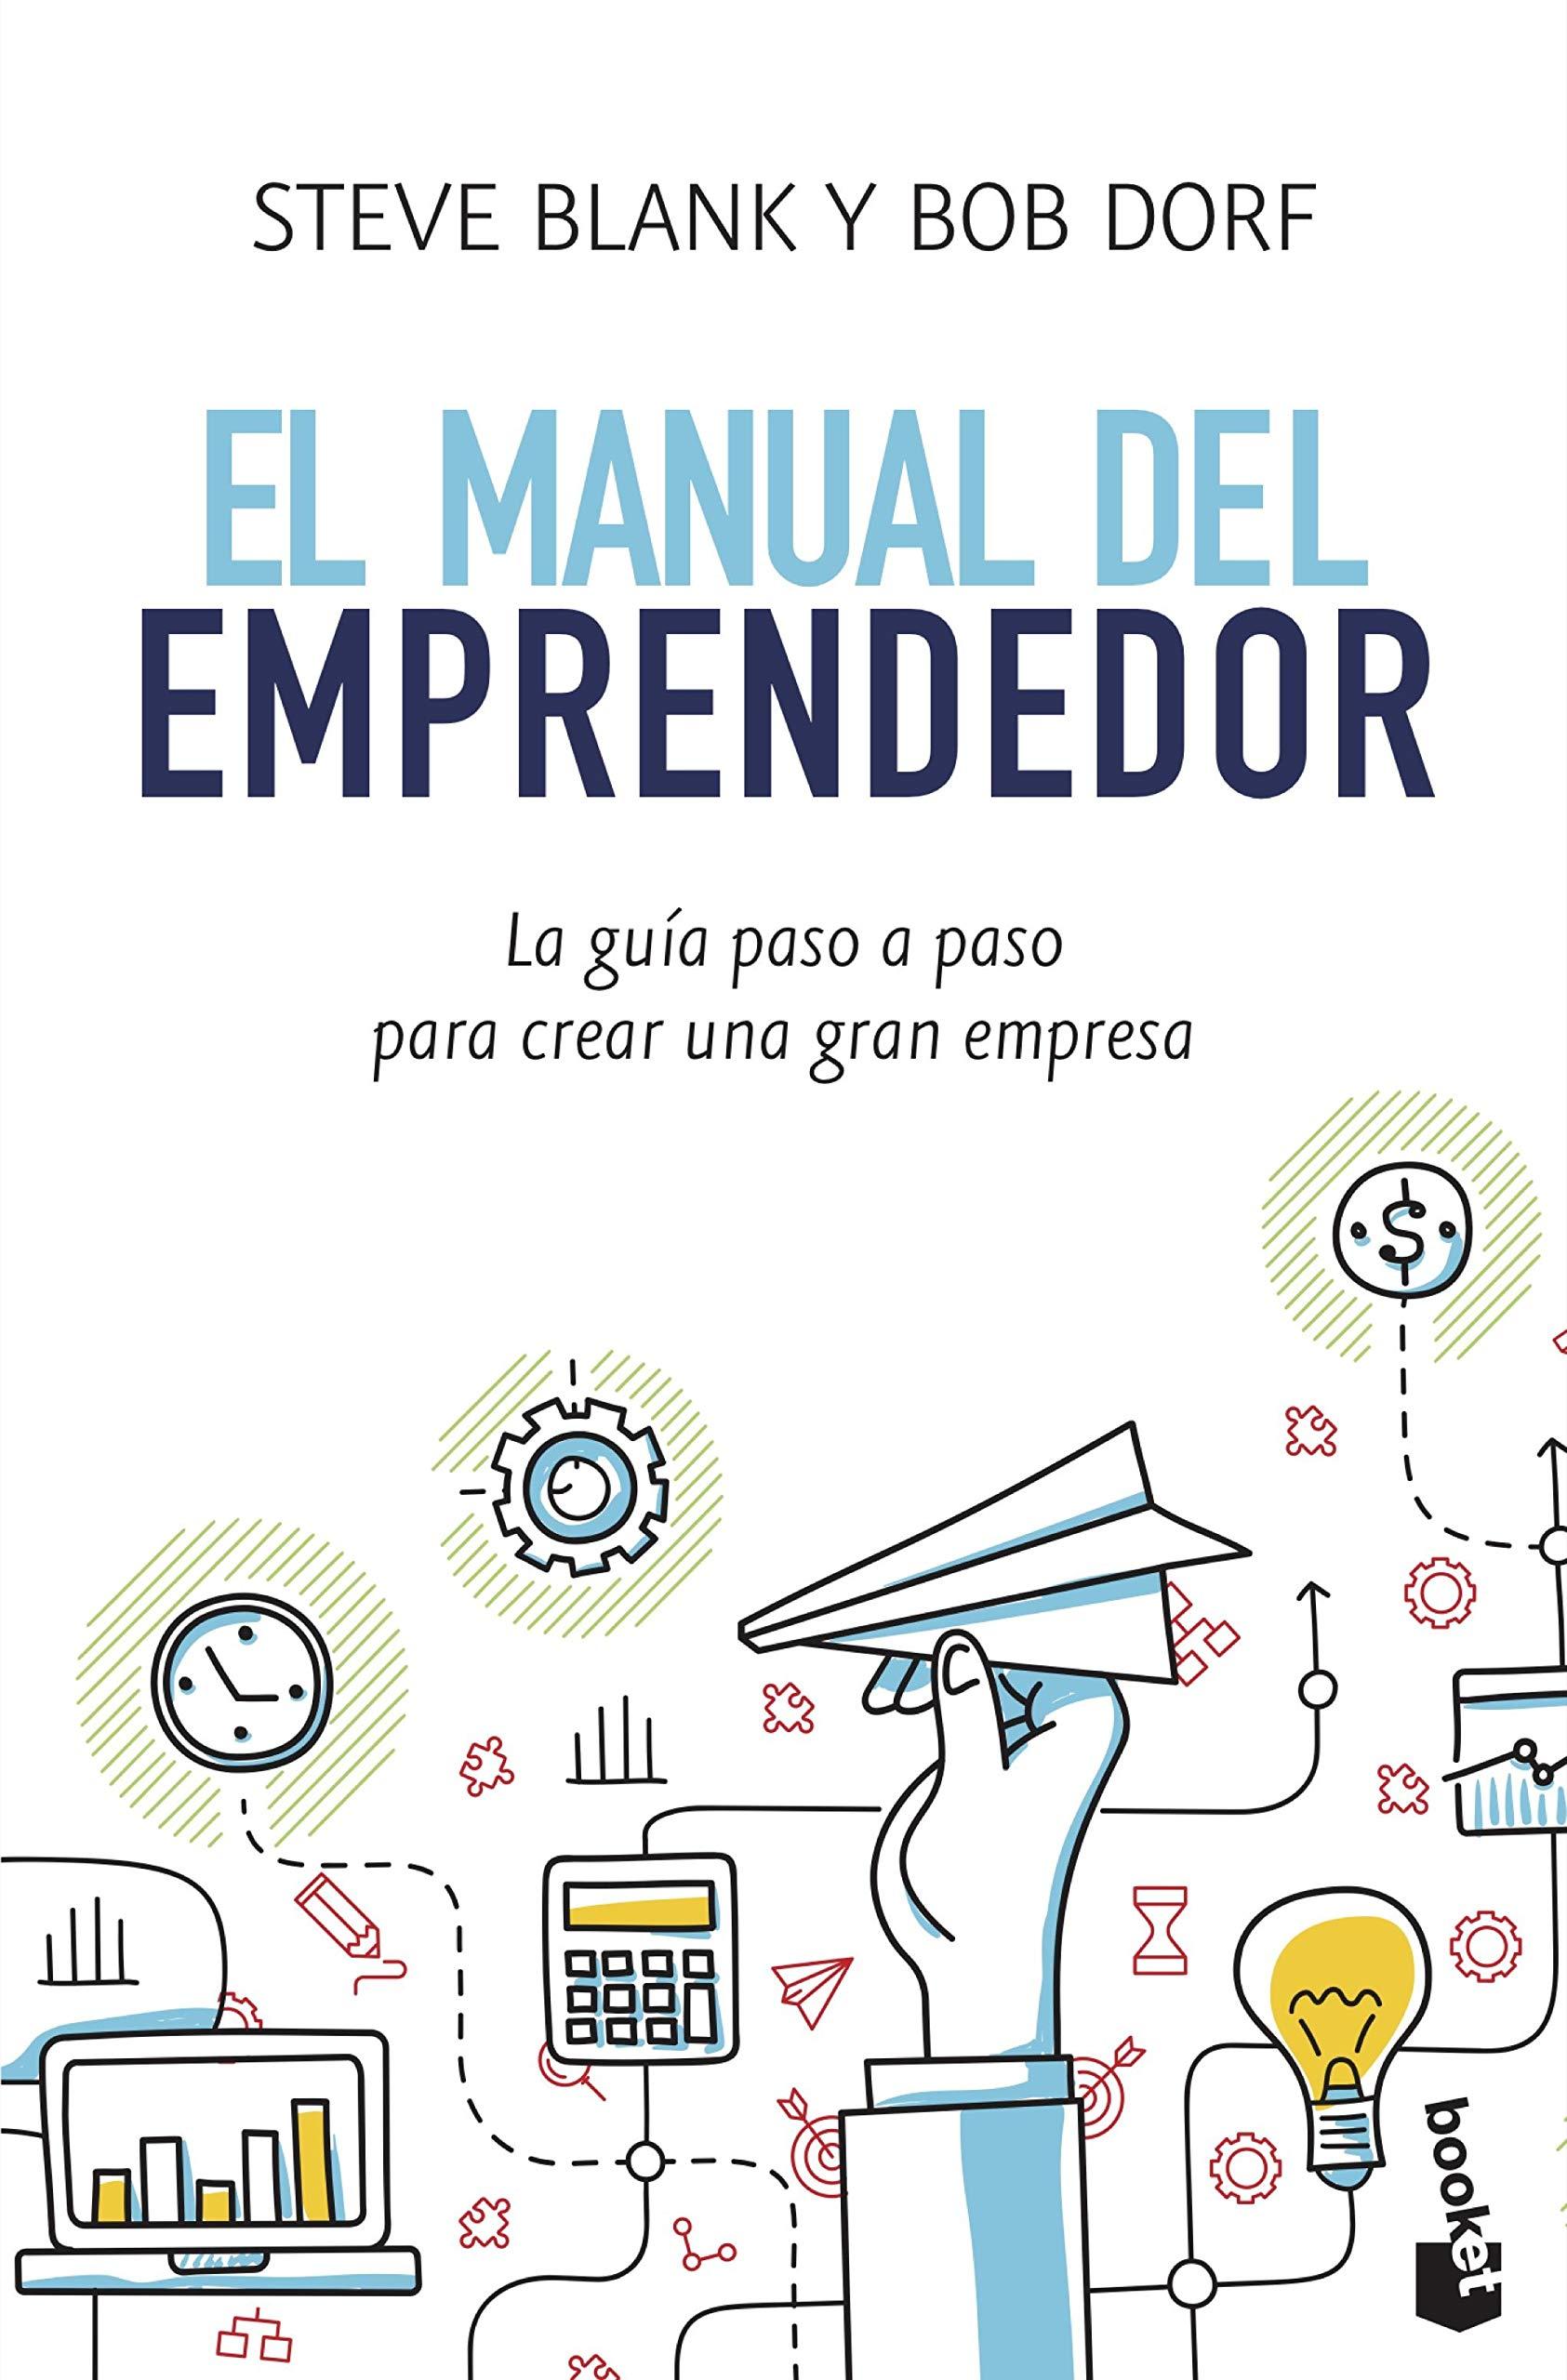 El Manual Del Emprendedor Prácticos Spanish Edition Blank Steve Dorf Bob García álvarez Javier Miguel Visa José Antonio De 9788498754223 Books